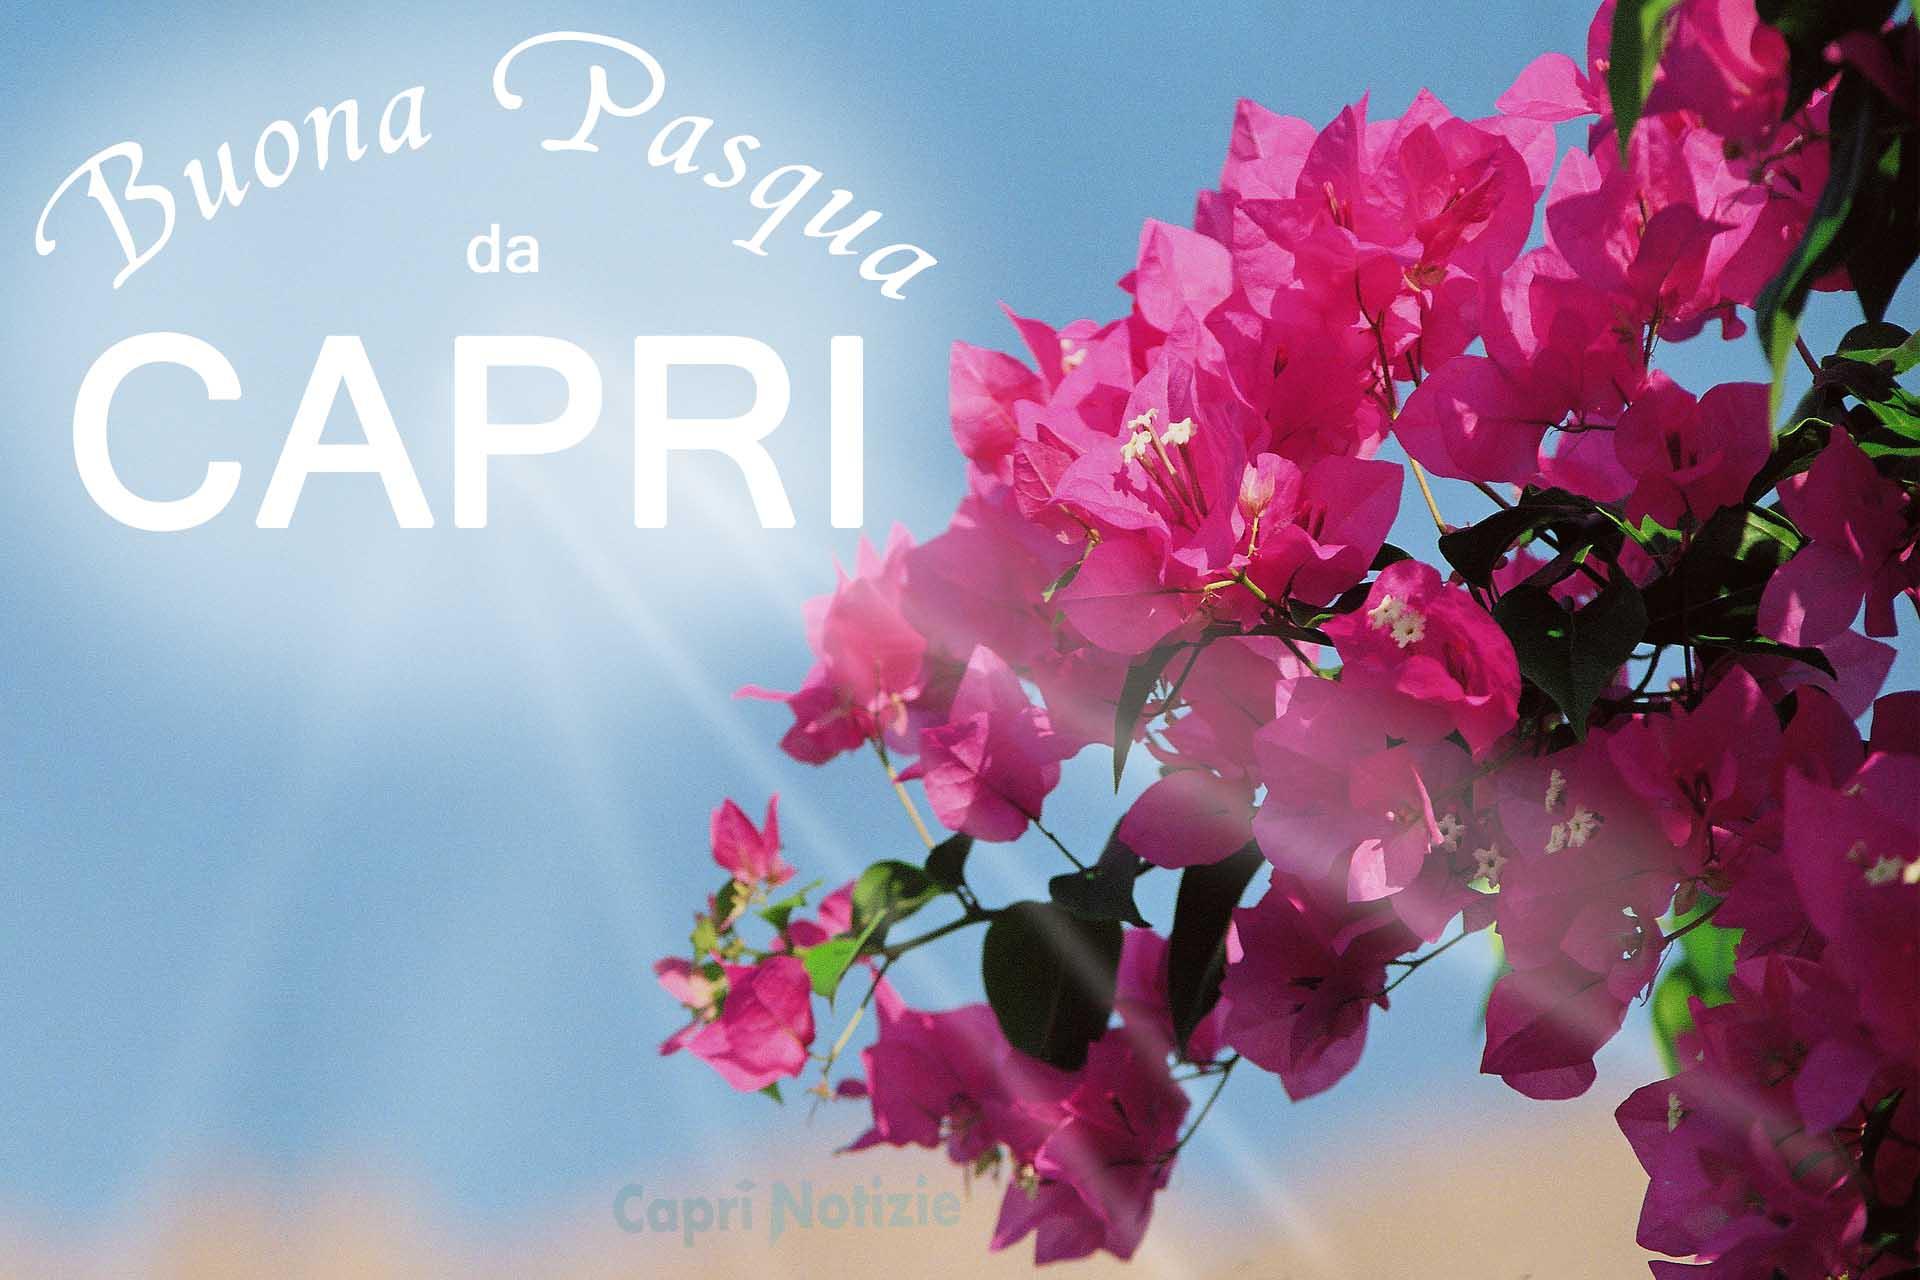 Buona Pasqua da Capri, la Tradizionale Cartolina di Auguri del 2018 di Caprinotizie